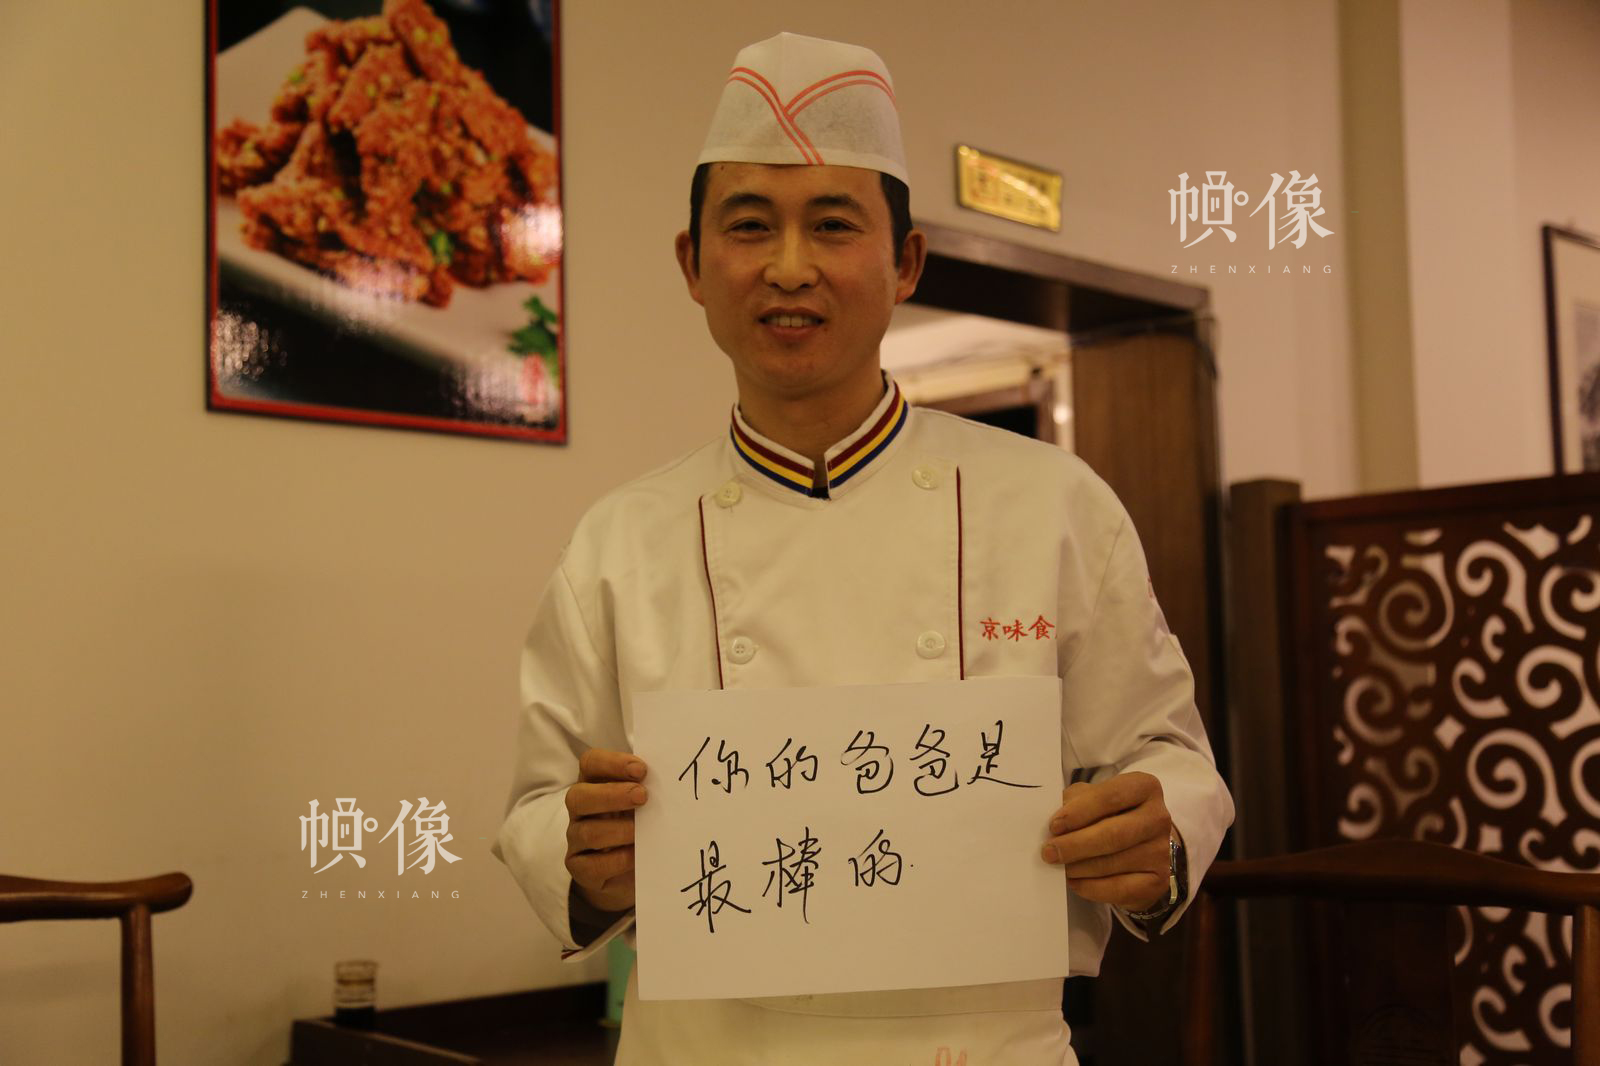 图为饭店厨师杨振。中国网记者 黄富友摄